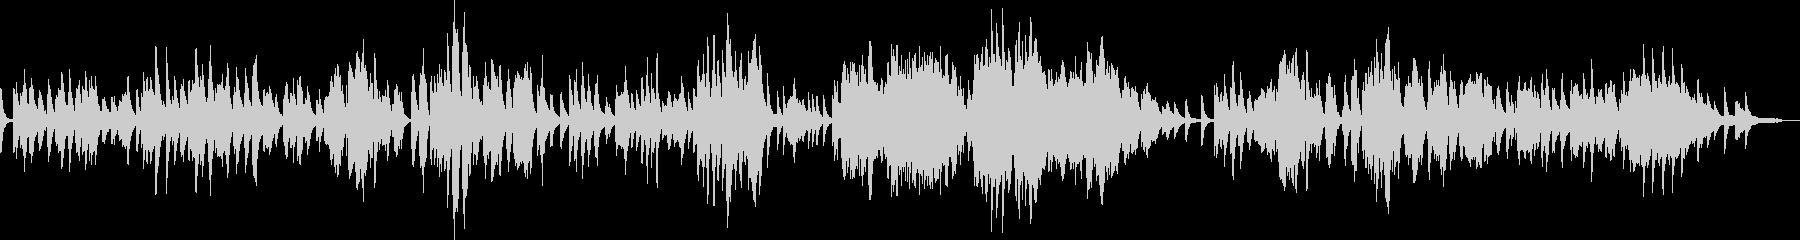 ショパン ノクターン Op15-No2の未再生の波形